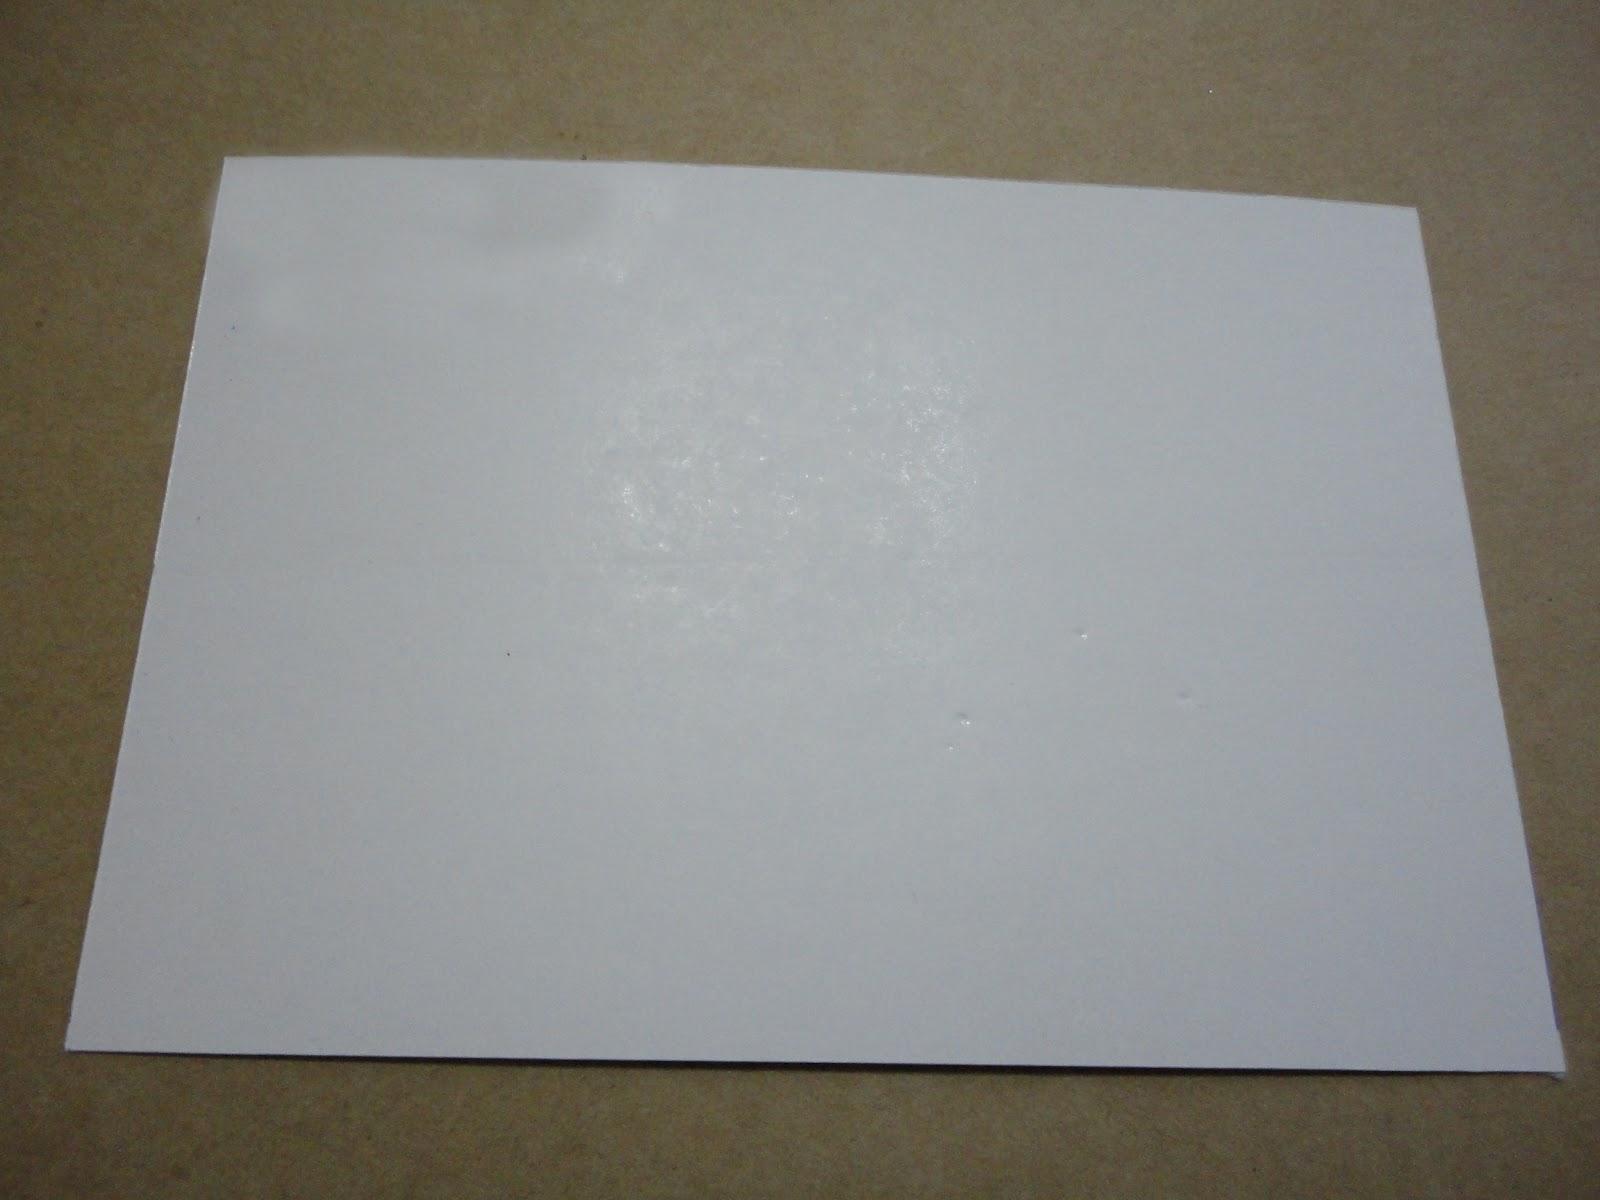 các loại giấy in biểu mẫu